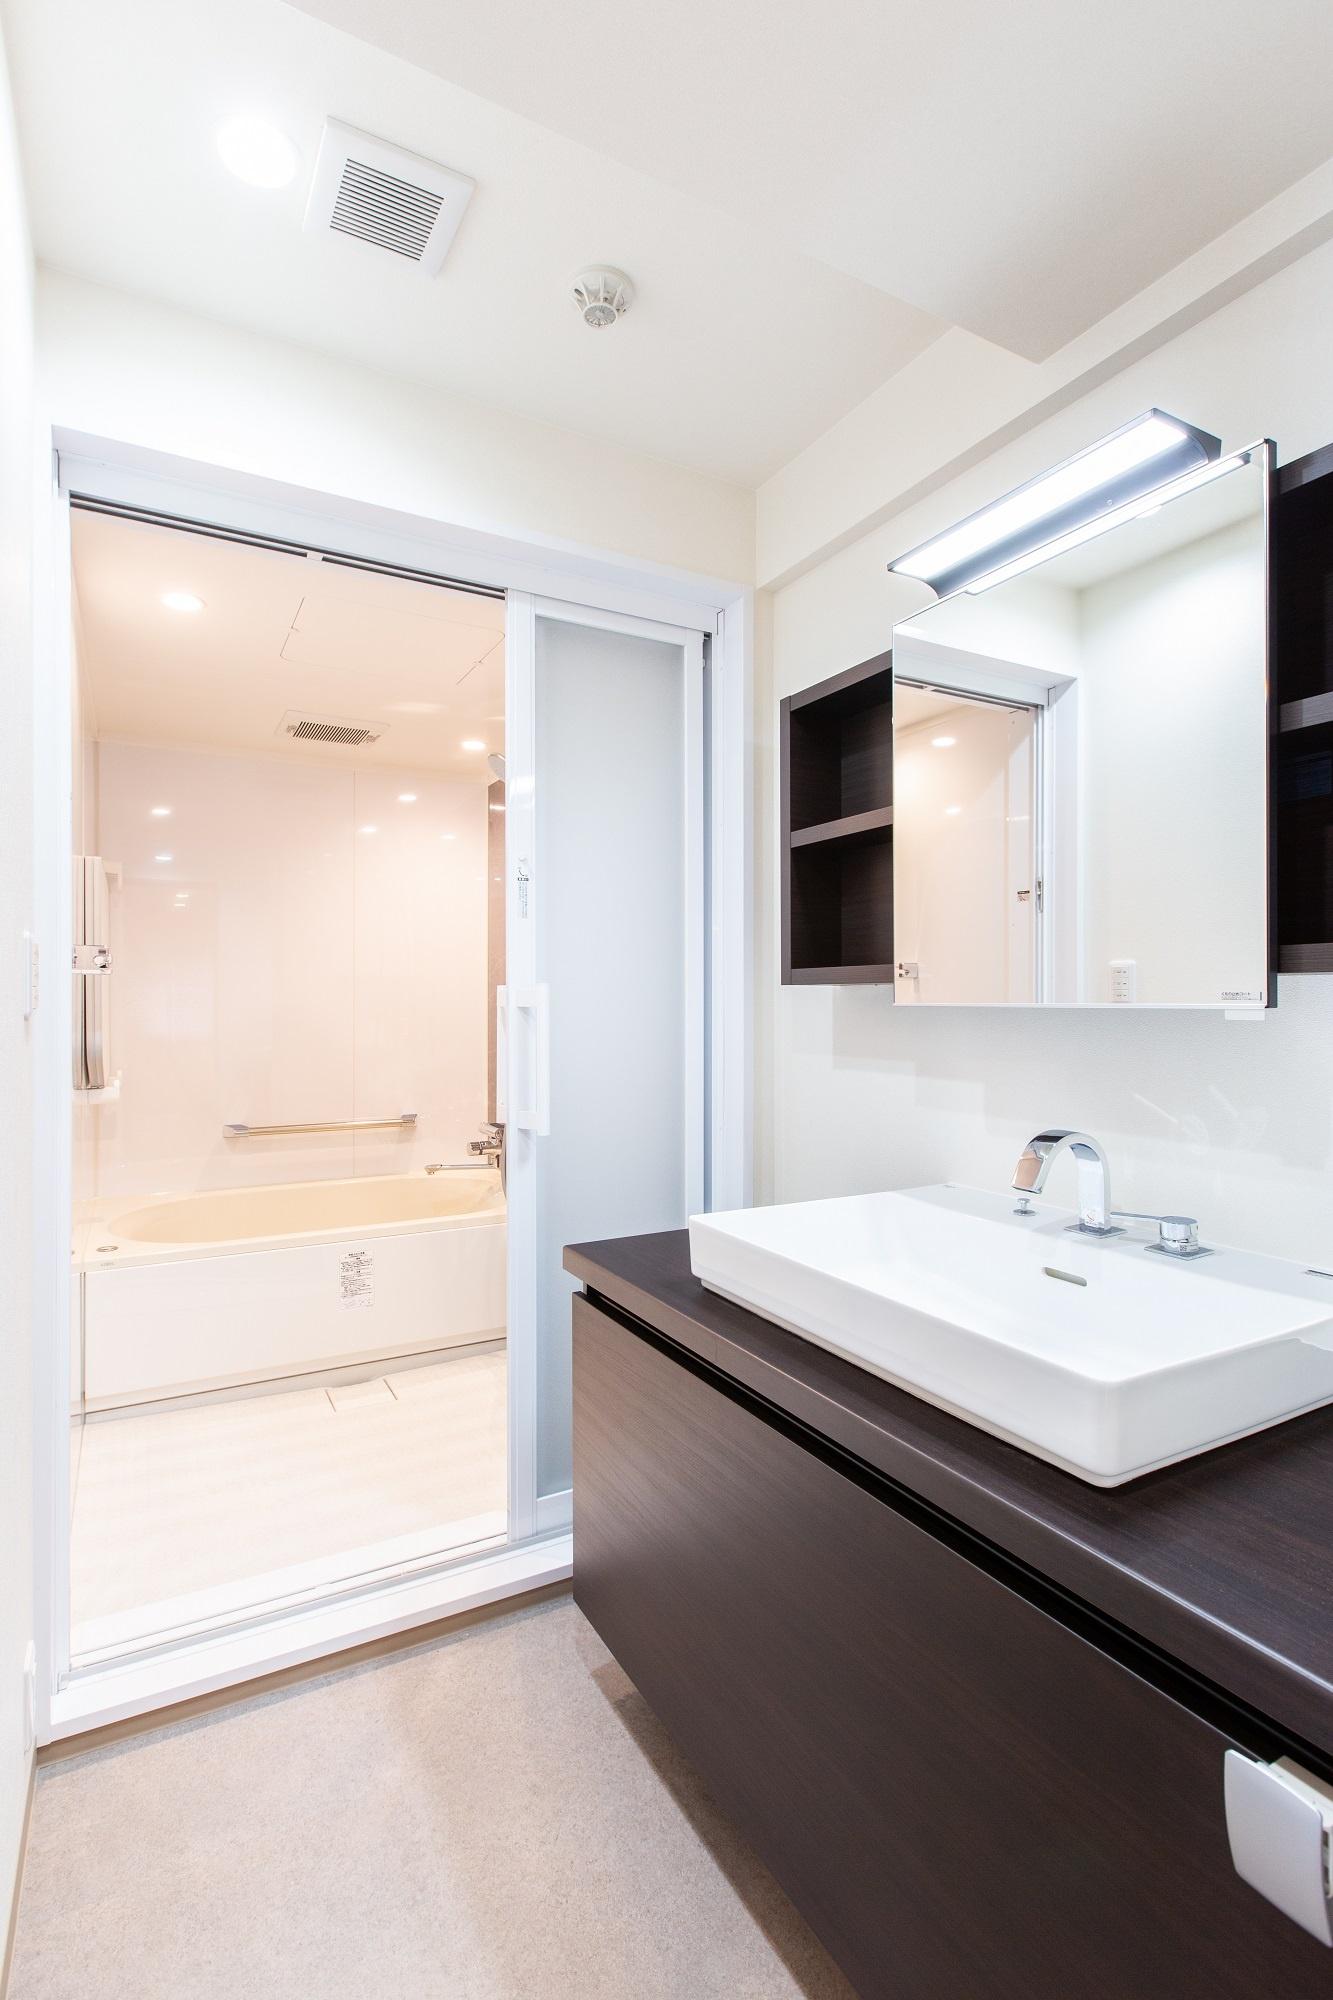 引き戸仕様の浴室を採用